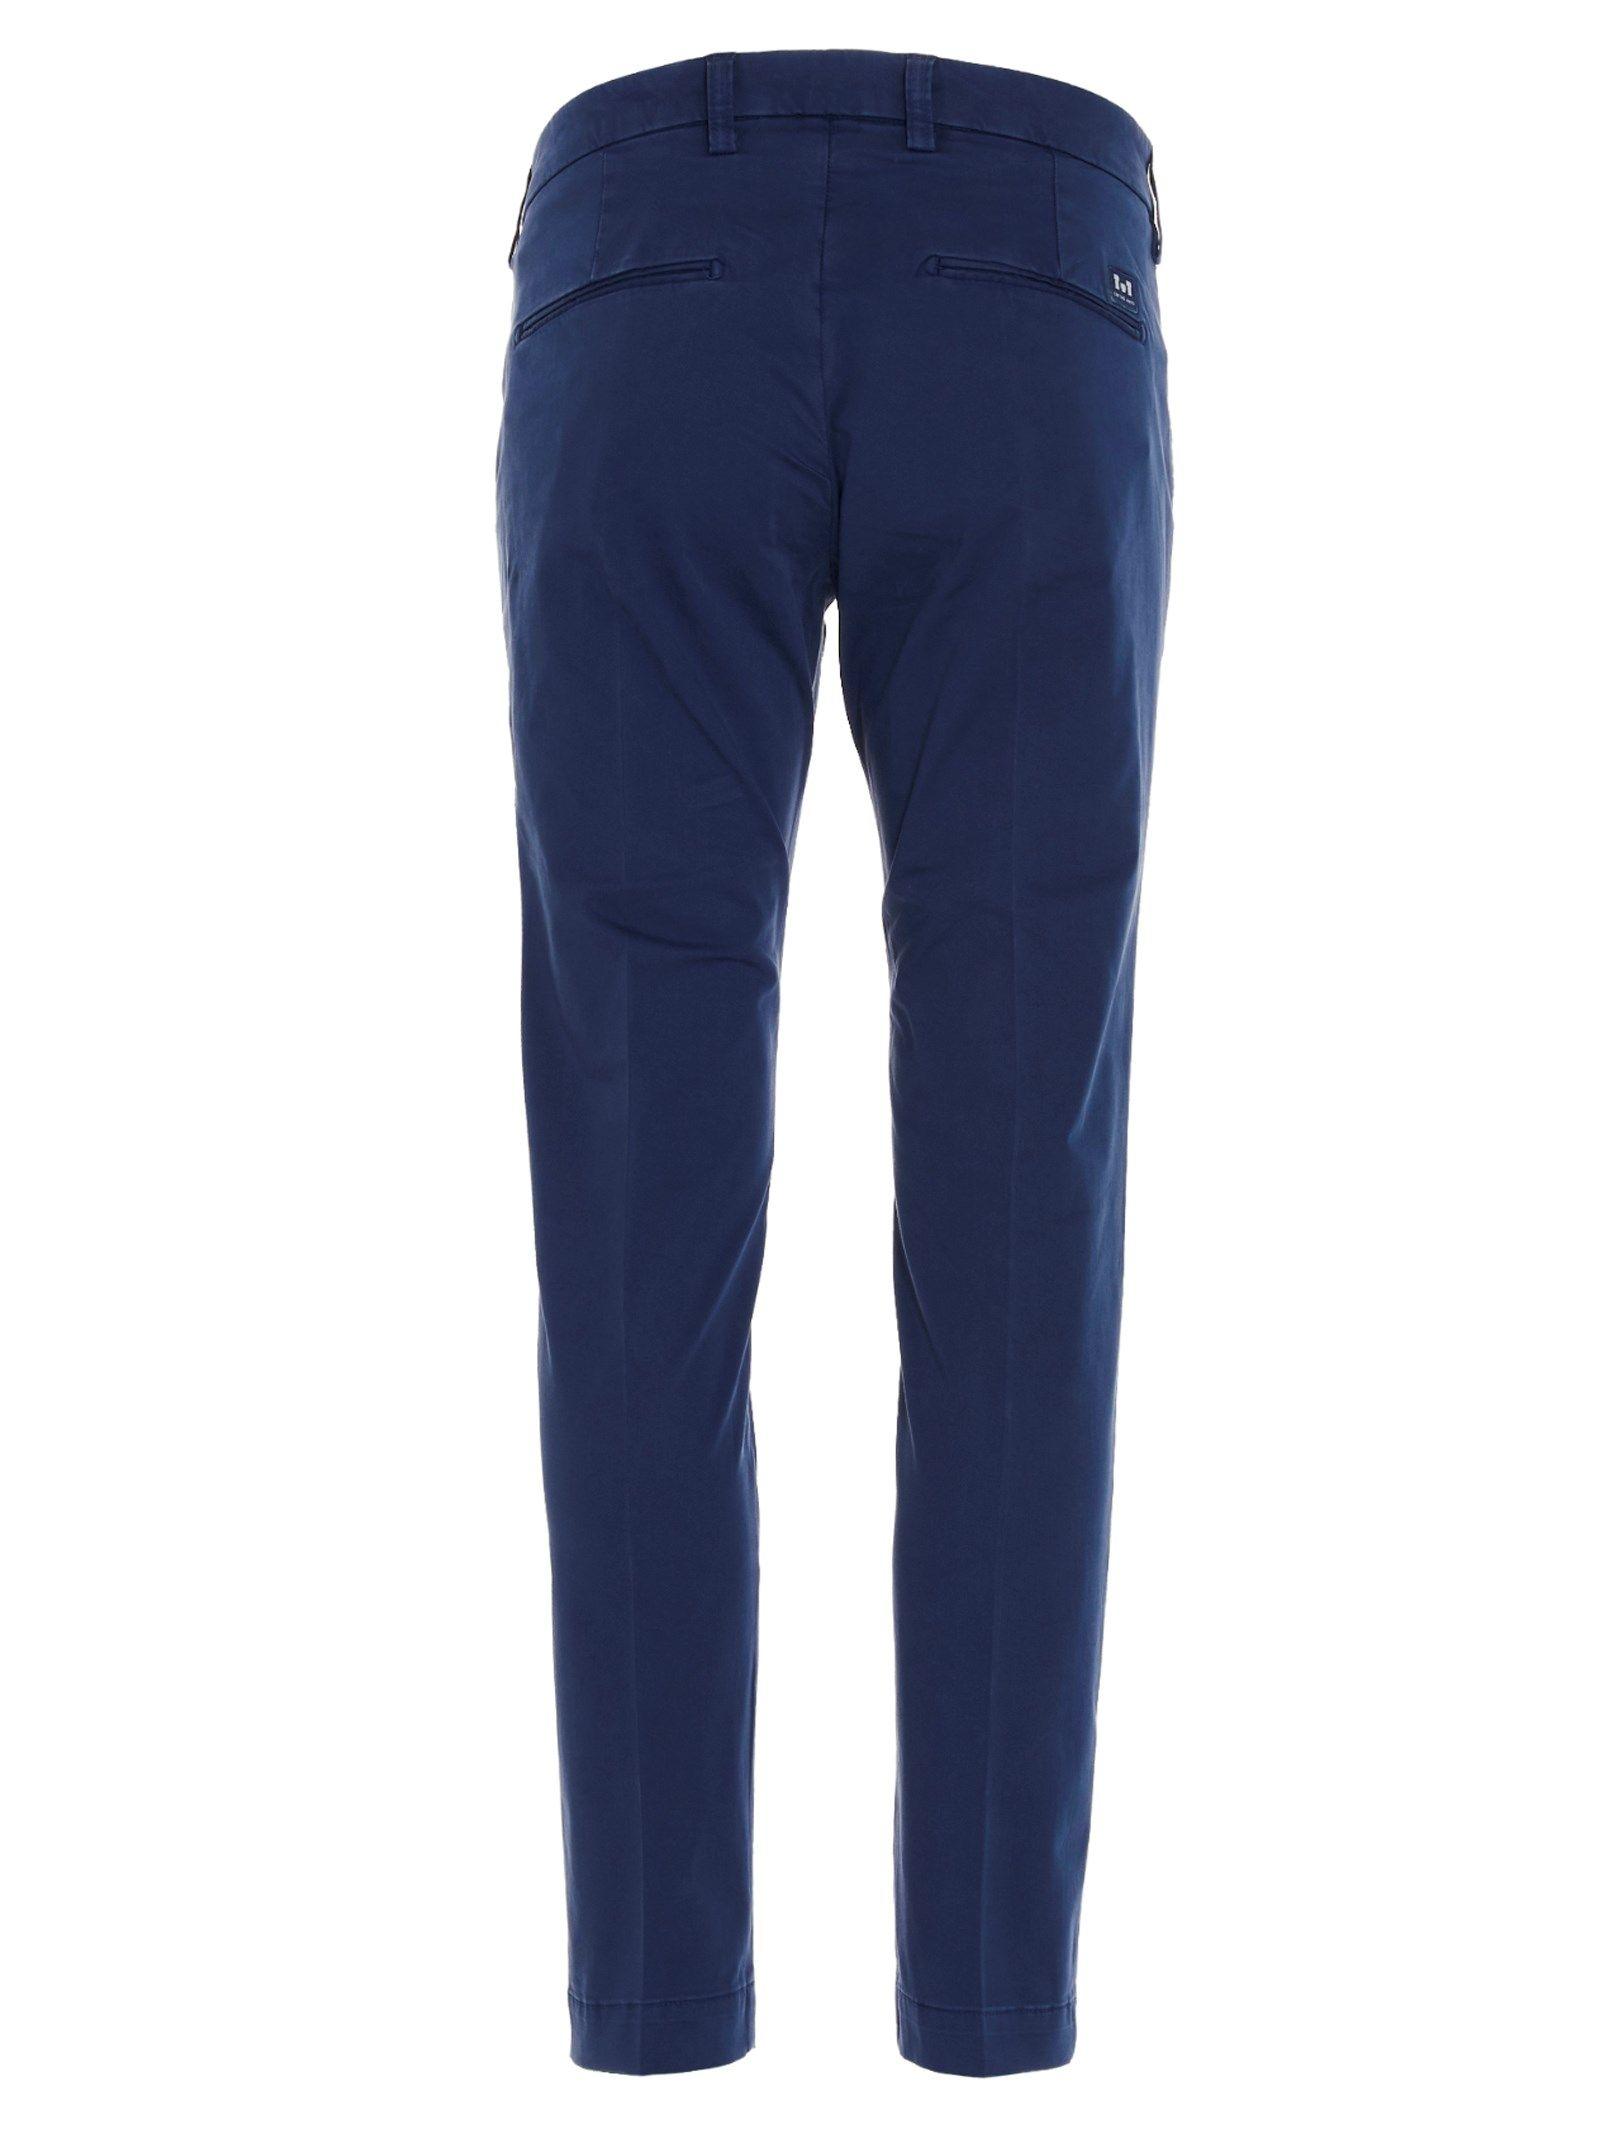 ENTRE AMIS Cottons ENTRE AMIS MEN'S BLUE COTTON PANTS